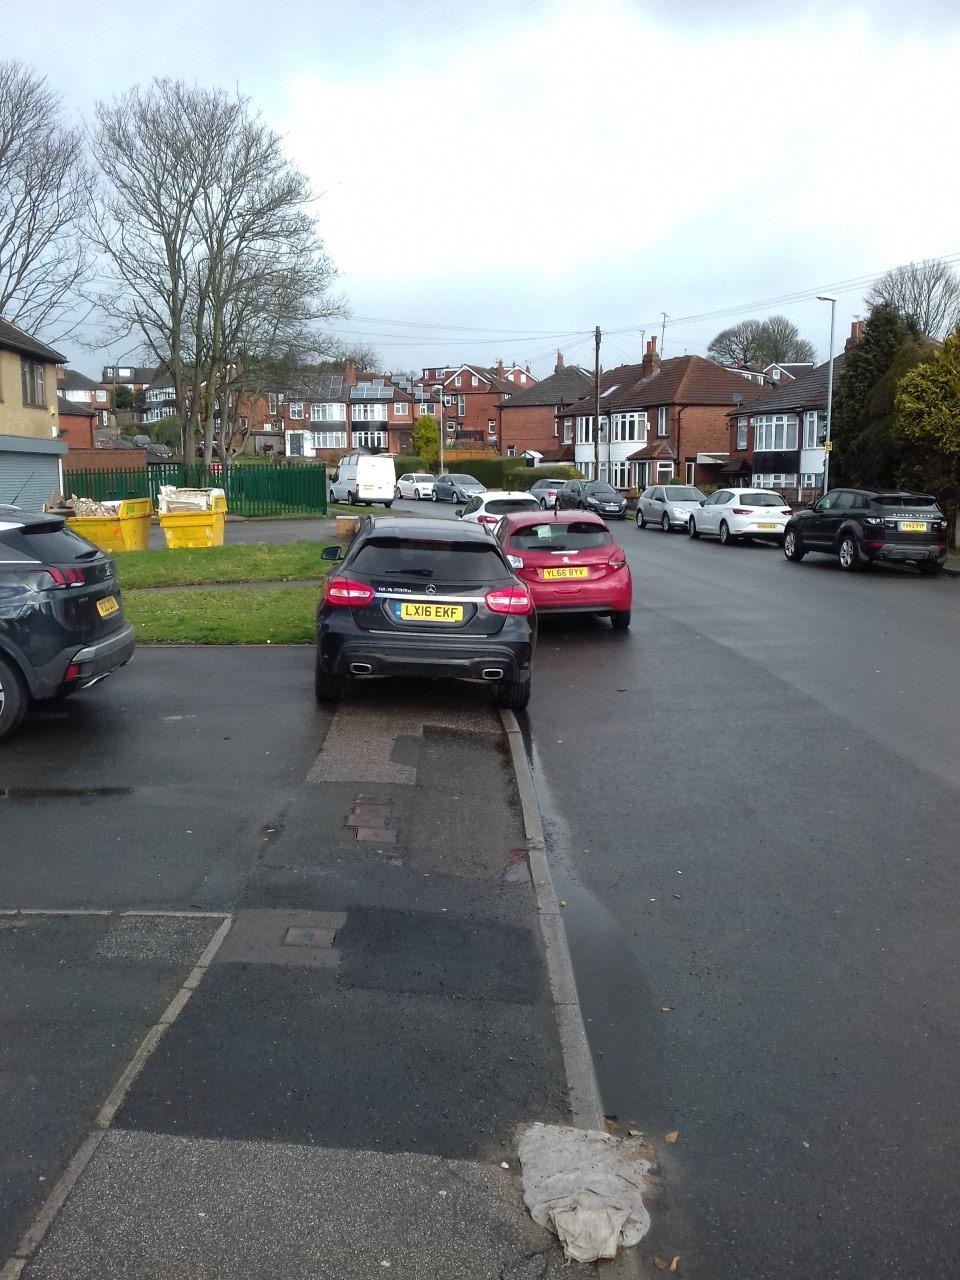 LX16 EKF displaying crap parking